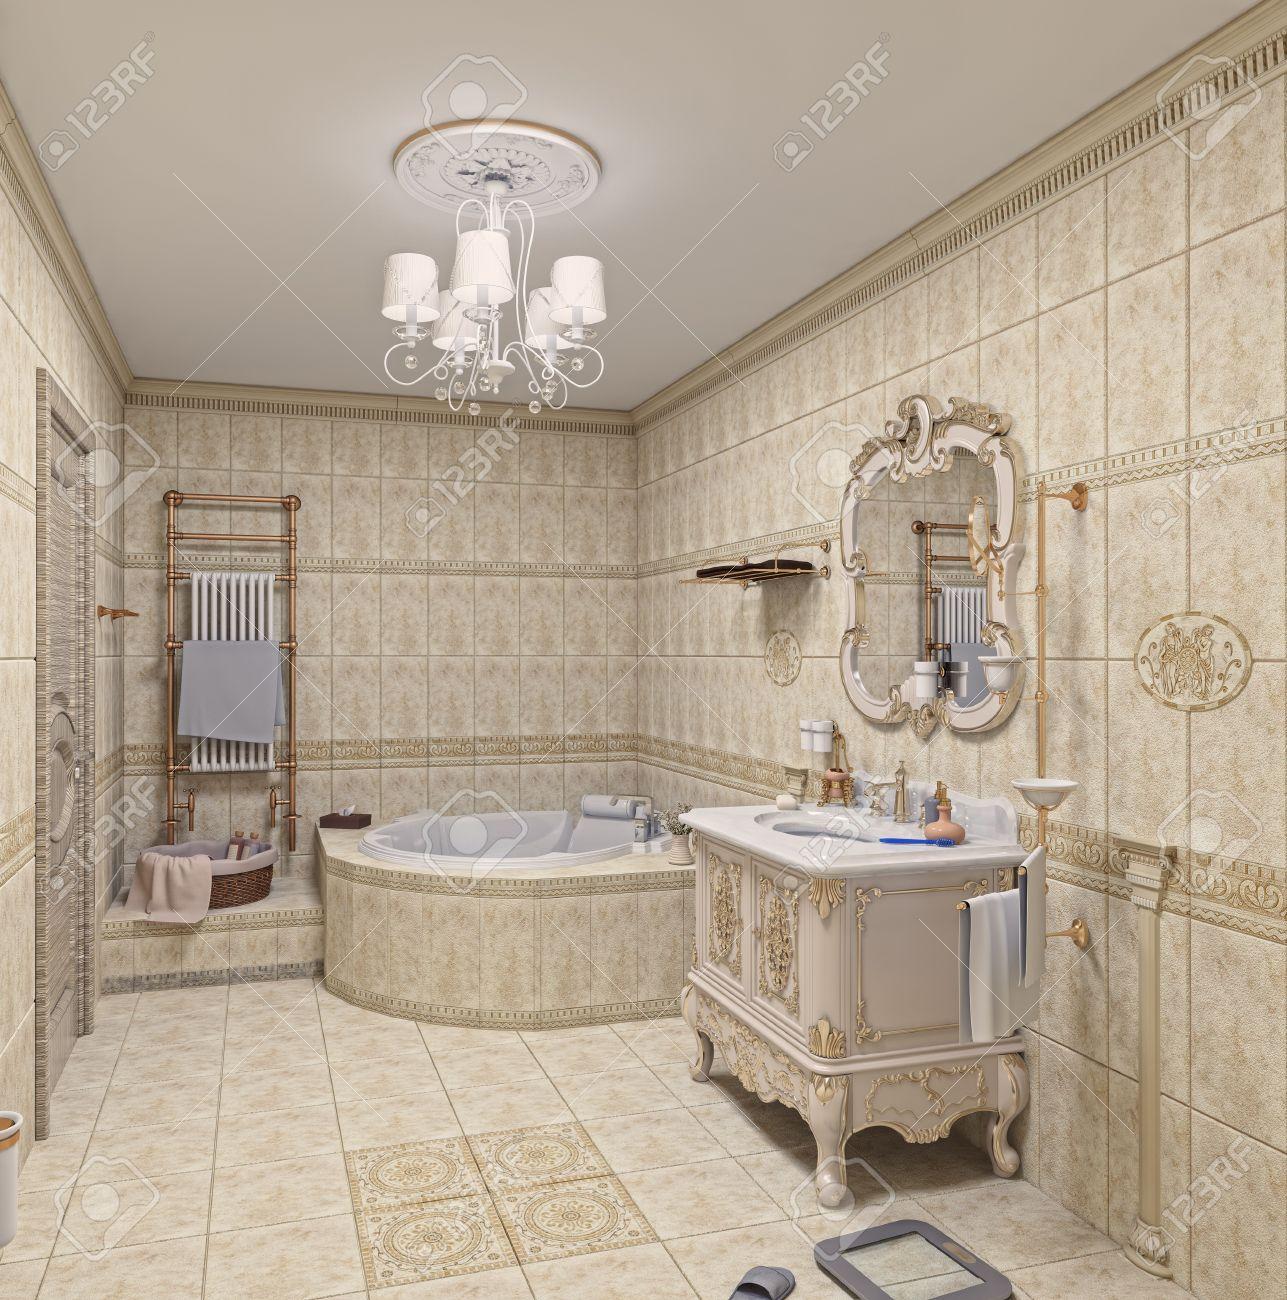 moderne badezimmer interieur mit fliesen und spiegel (3d-rendering, Badezimmer ideen